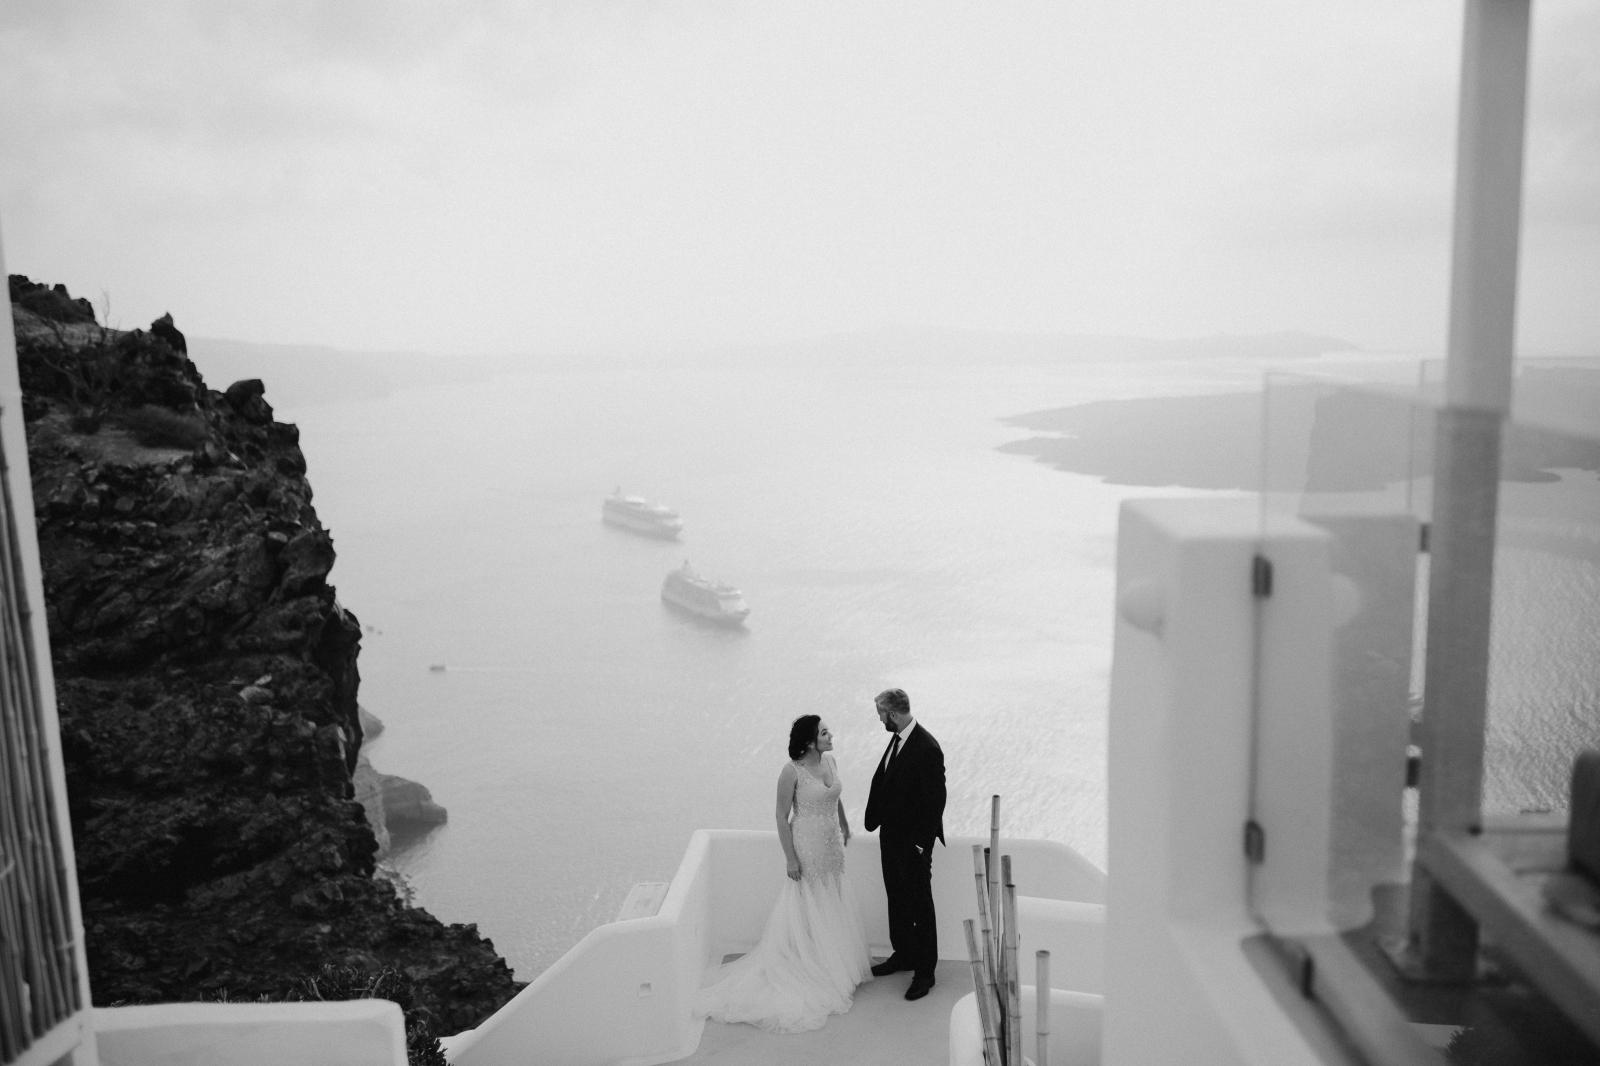 santorini-wedding-photographer15.jpg